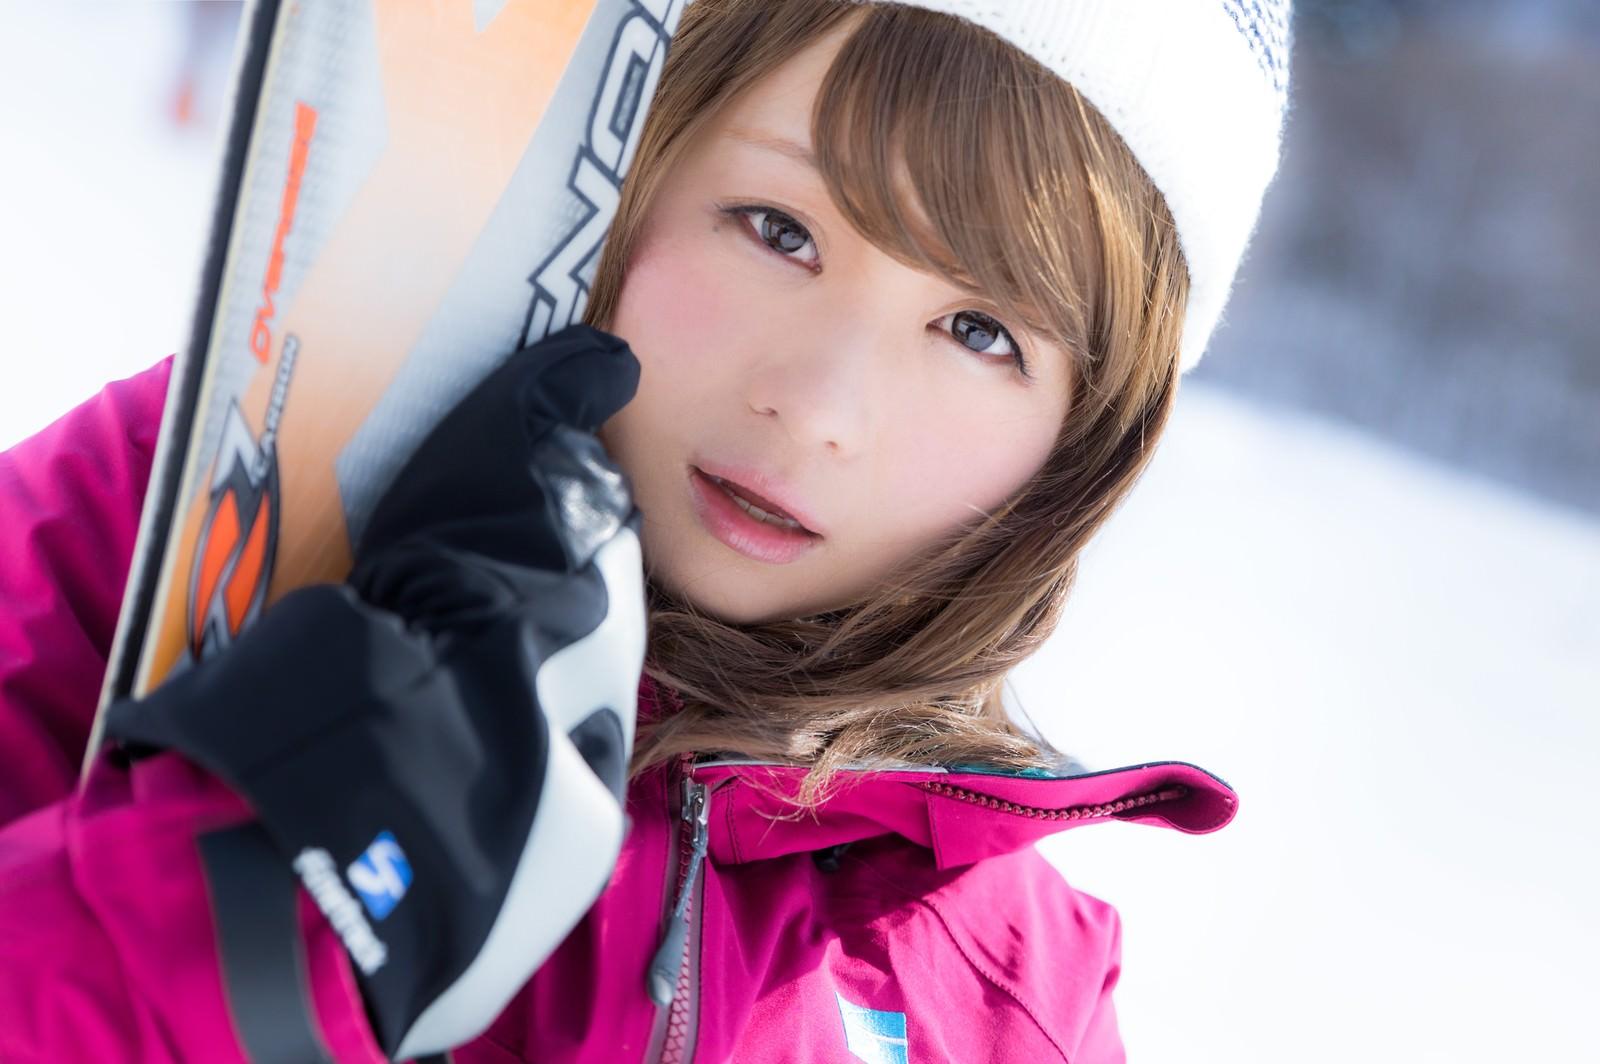 「ゲレンデ中のメンズを虜にしたスキー女子ゲレンデ中のメンズを虜にしたスキー女子」[モデル:茜さや]のフリー写真素材を拡大